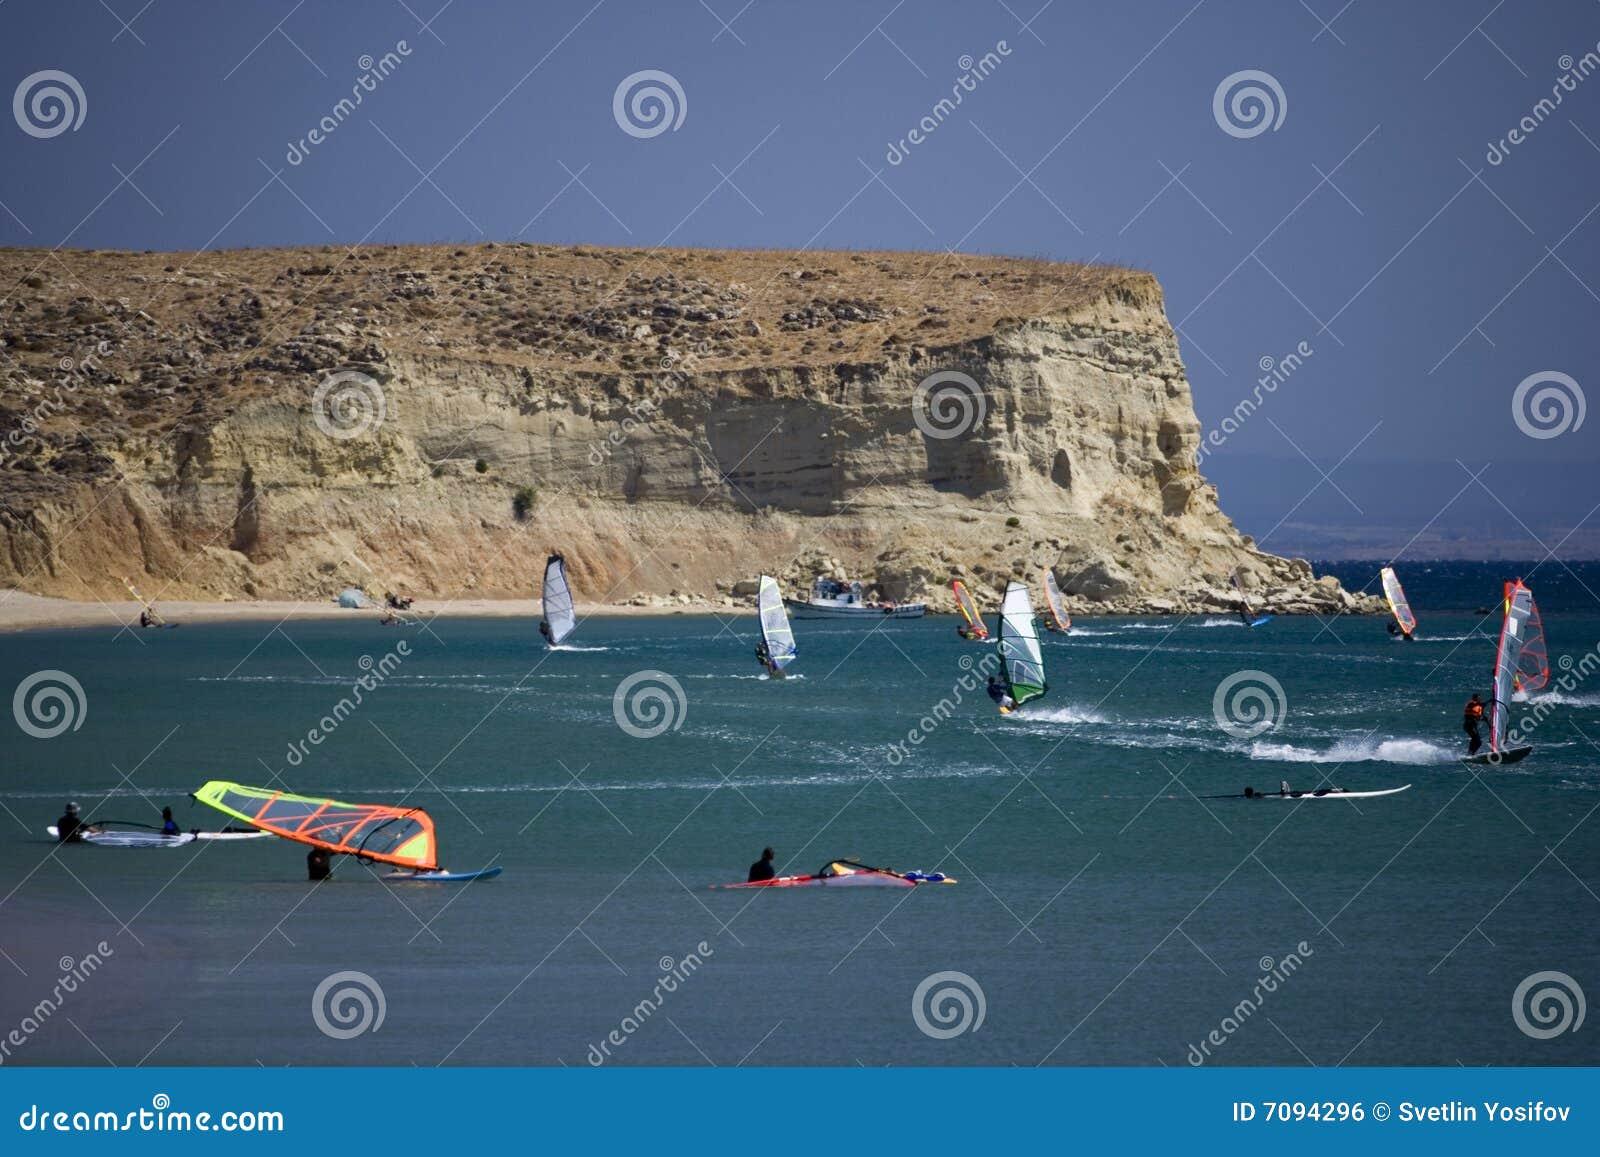 2学校风帆冲浪